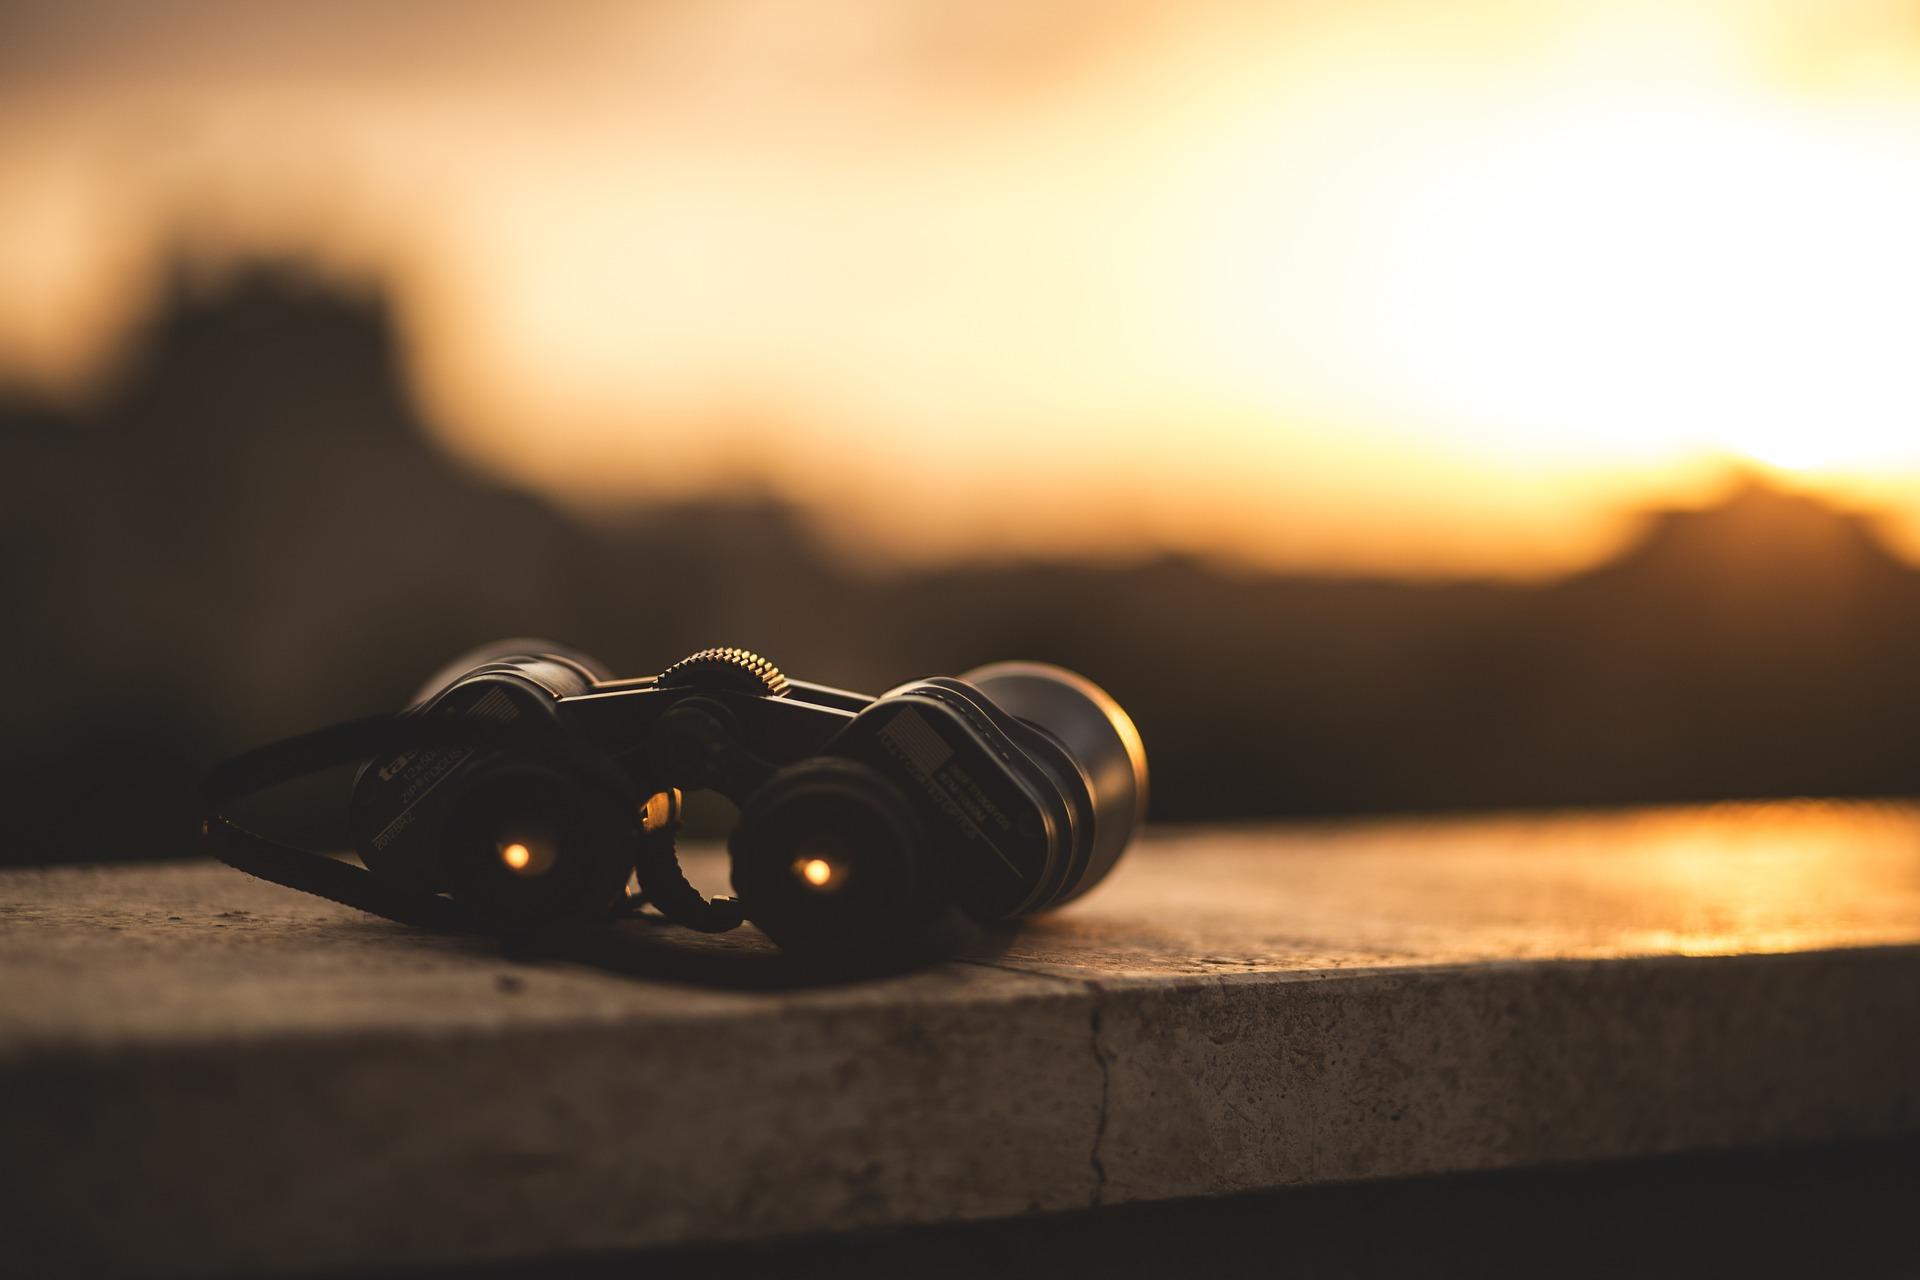 binoculars1209892_1920.jpg